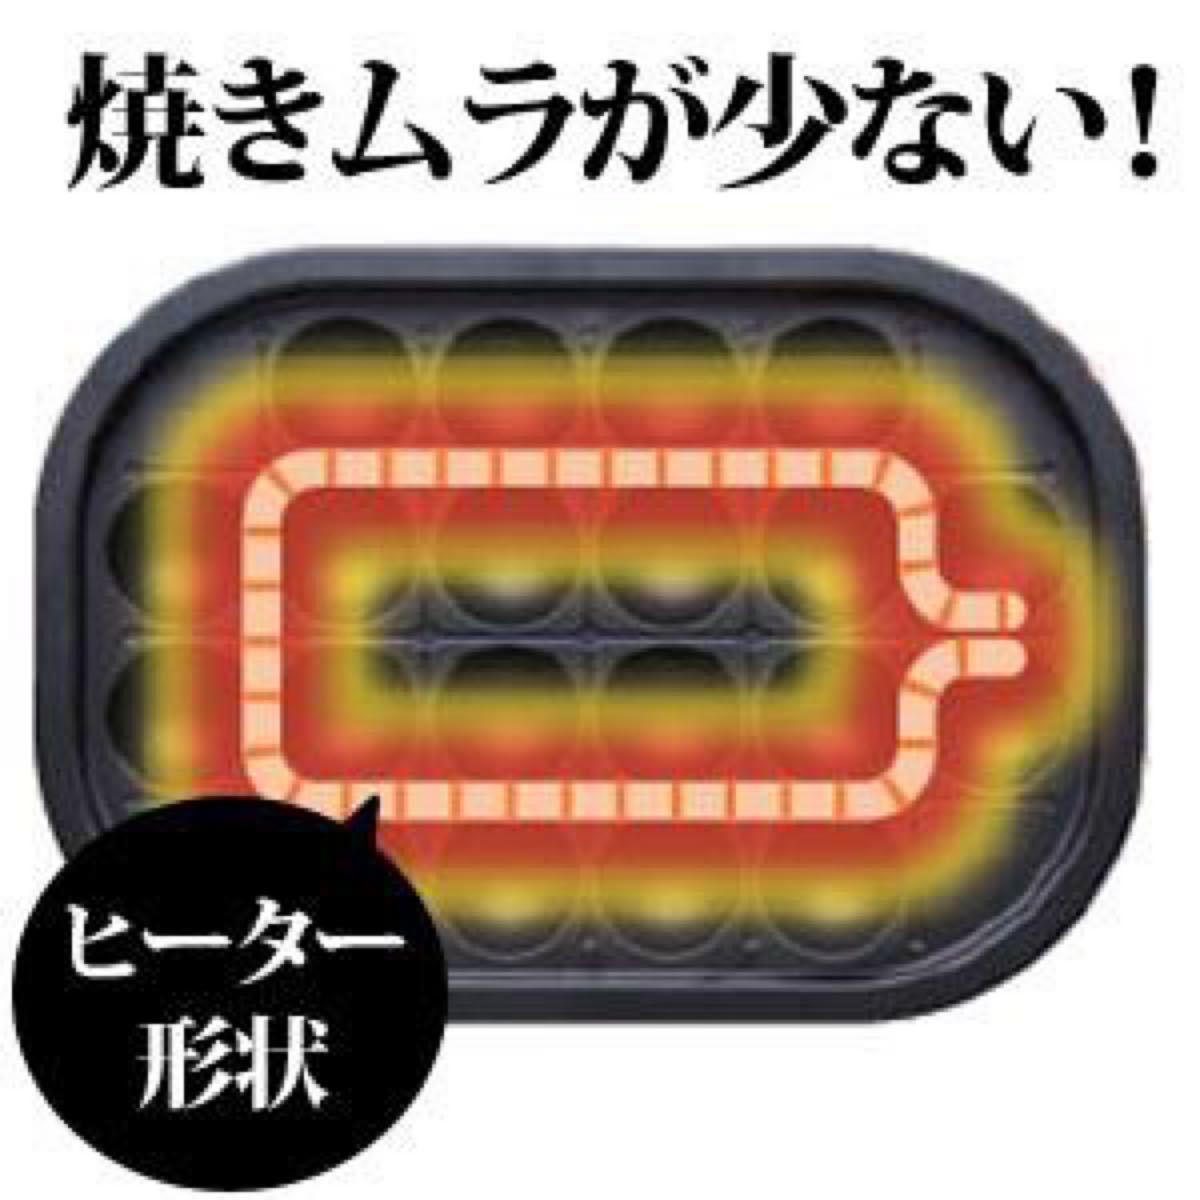 焼肉プレート 鉄板 たこ焼き器 2WAY (たこ焼きプレート20穴 平面プレート) レッド ホットプレート 新品 アイリスオーヤマ